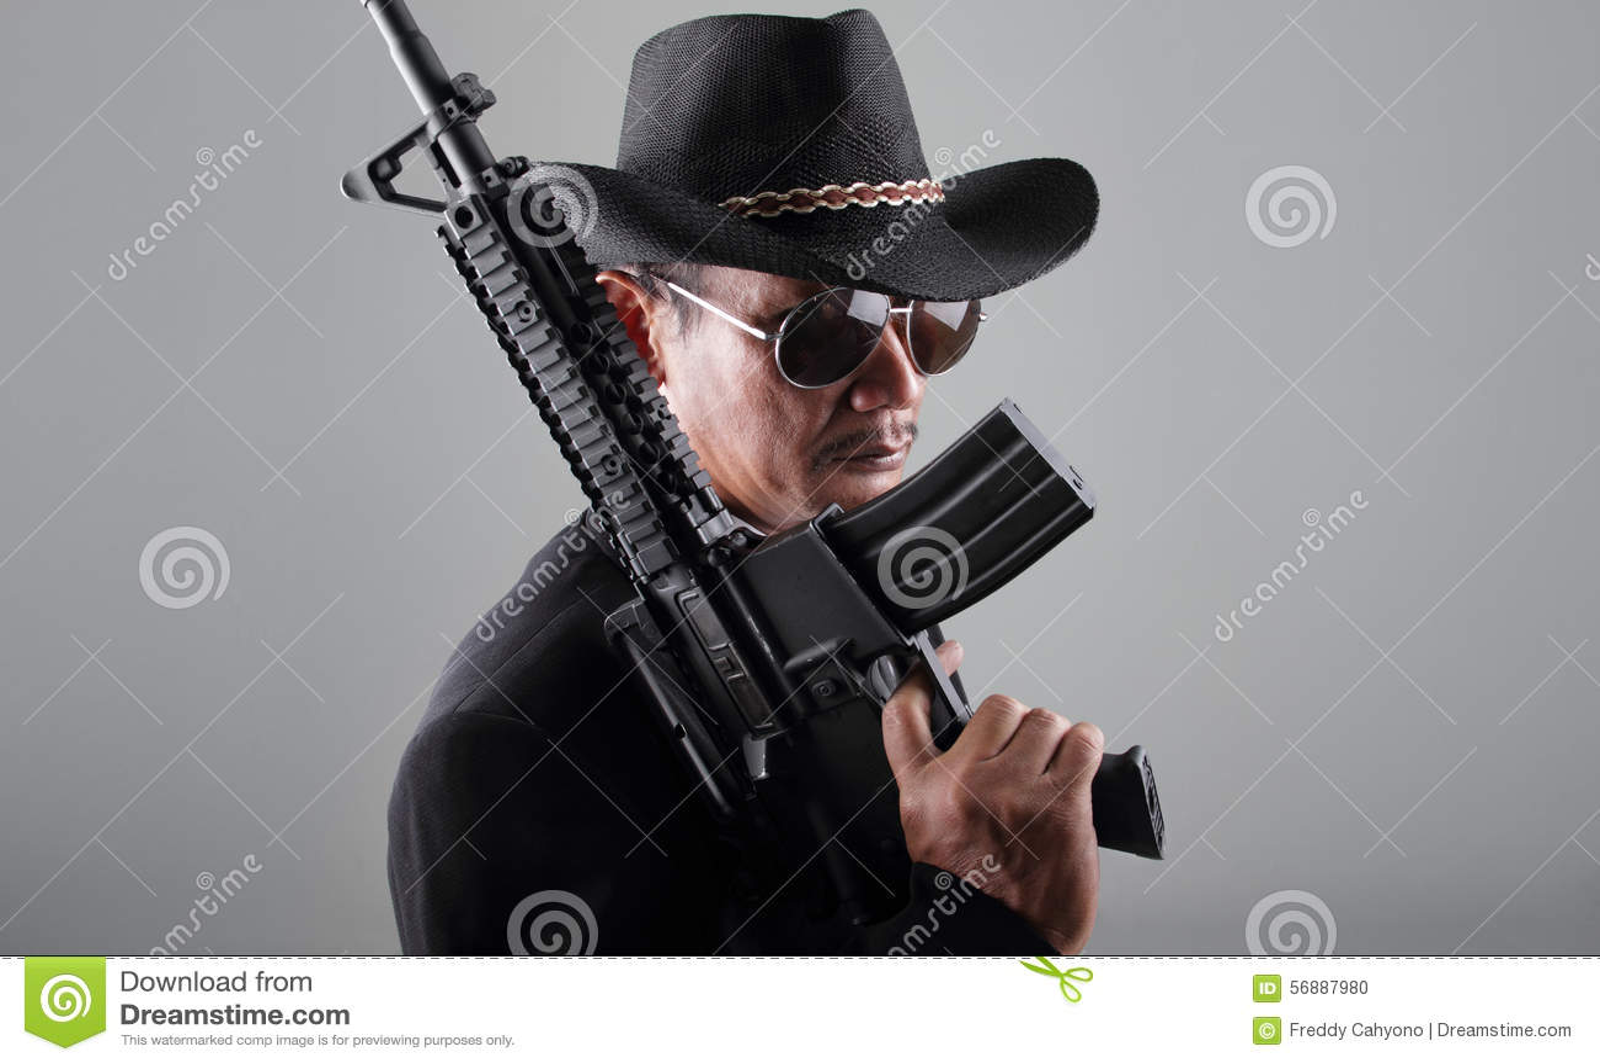 Ametralladora vieja del gangter